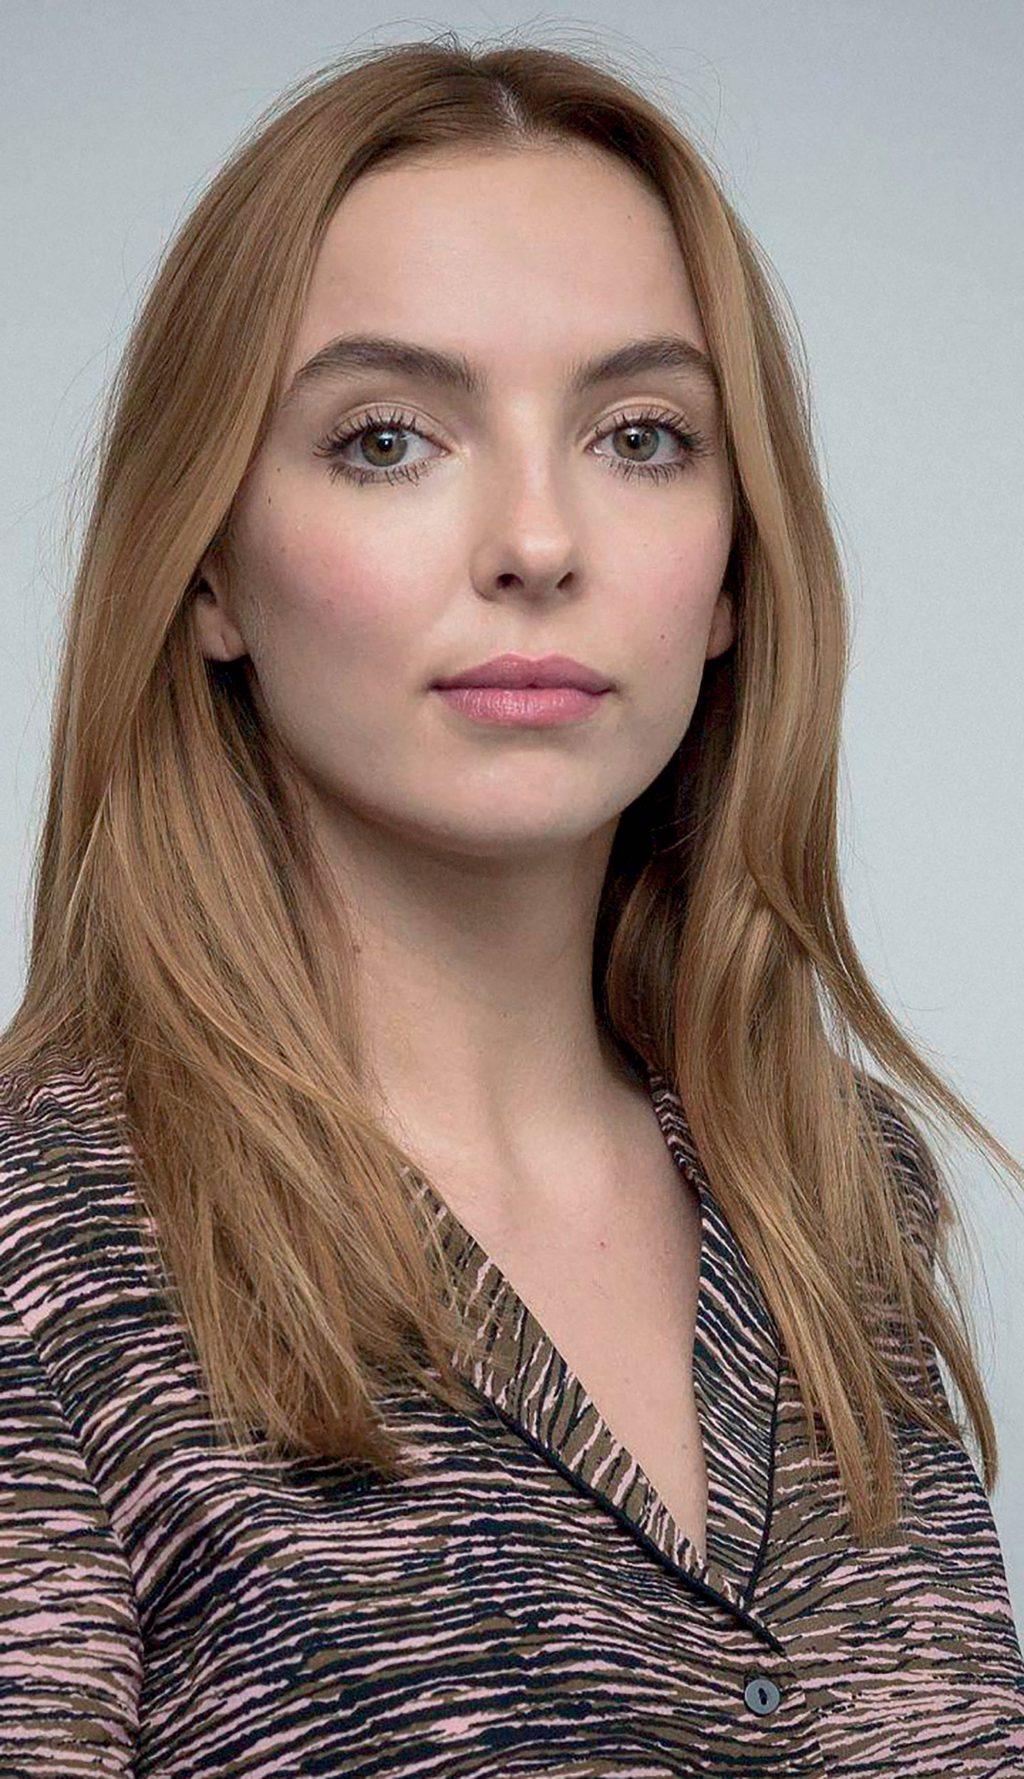 Jodie Comer nữ sát thủ truyền hình